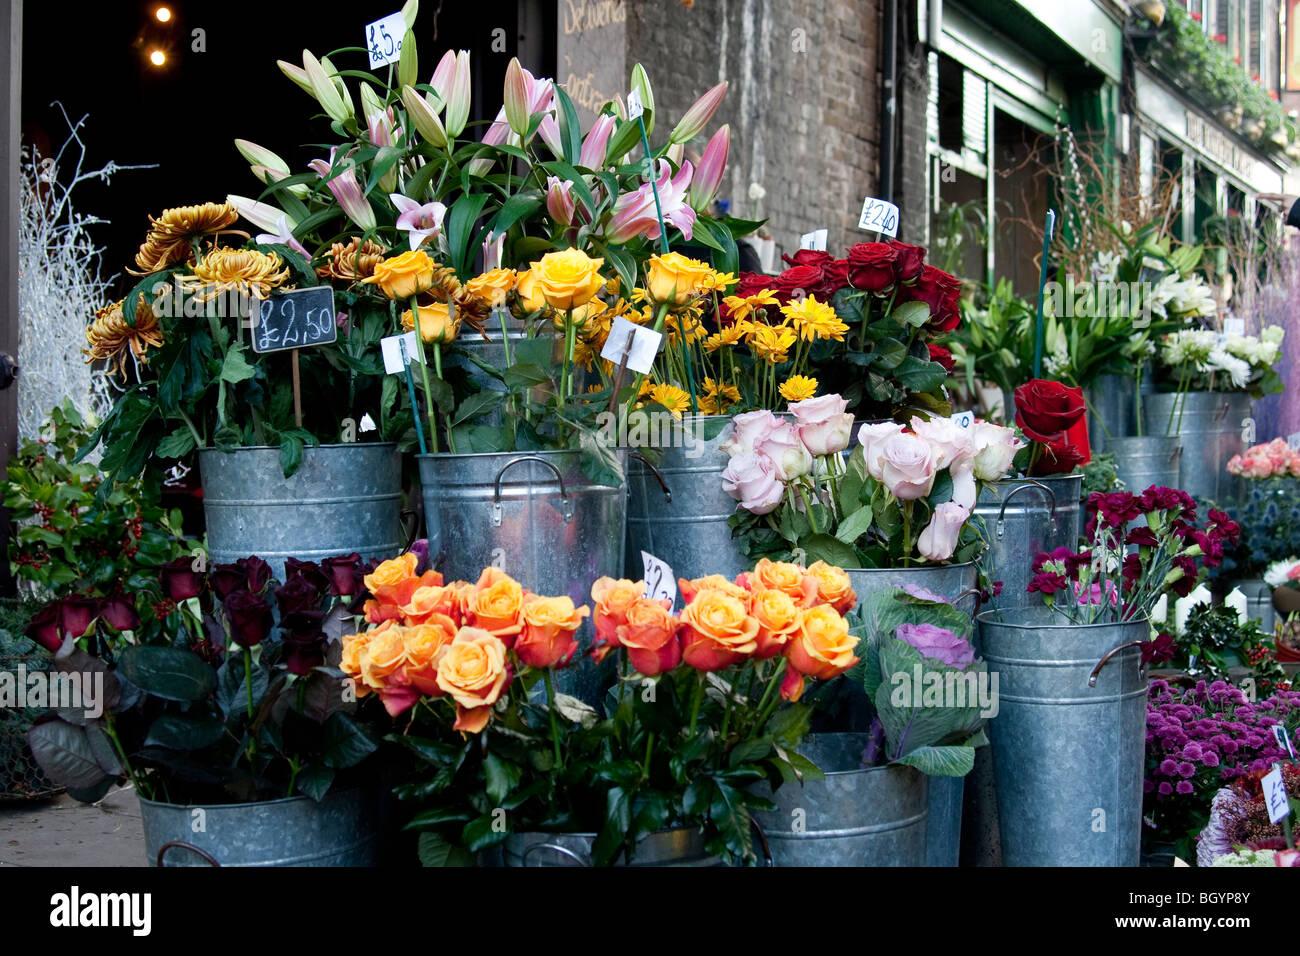 Un fiore in stallo nel mercato di Borough, a sud di Londra. Foto Stock